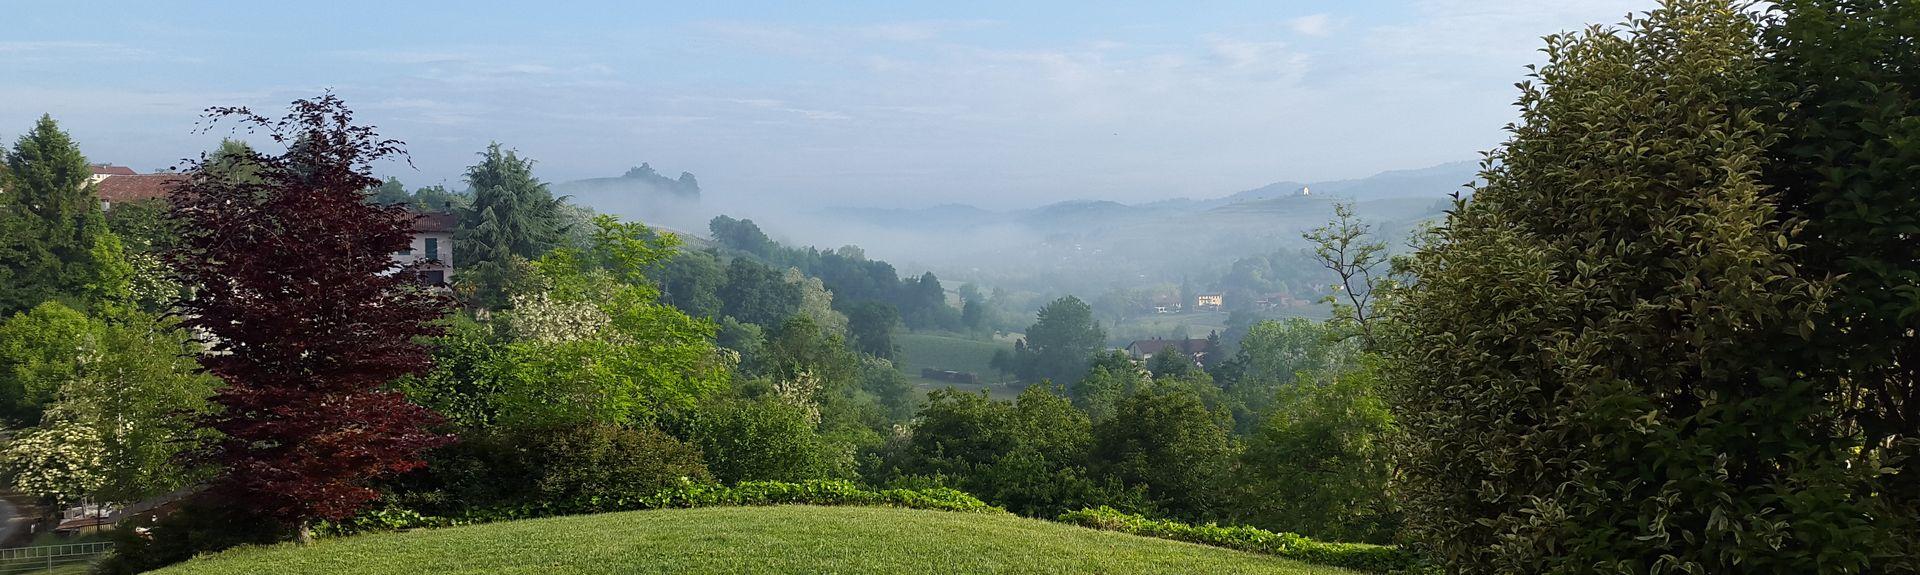 Rivalba, Piedmont, Italy